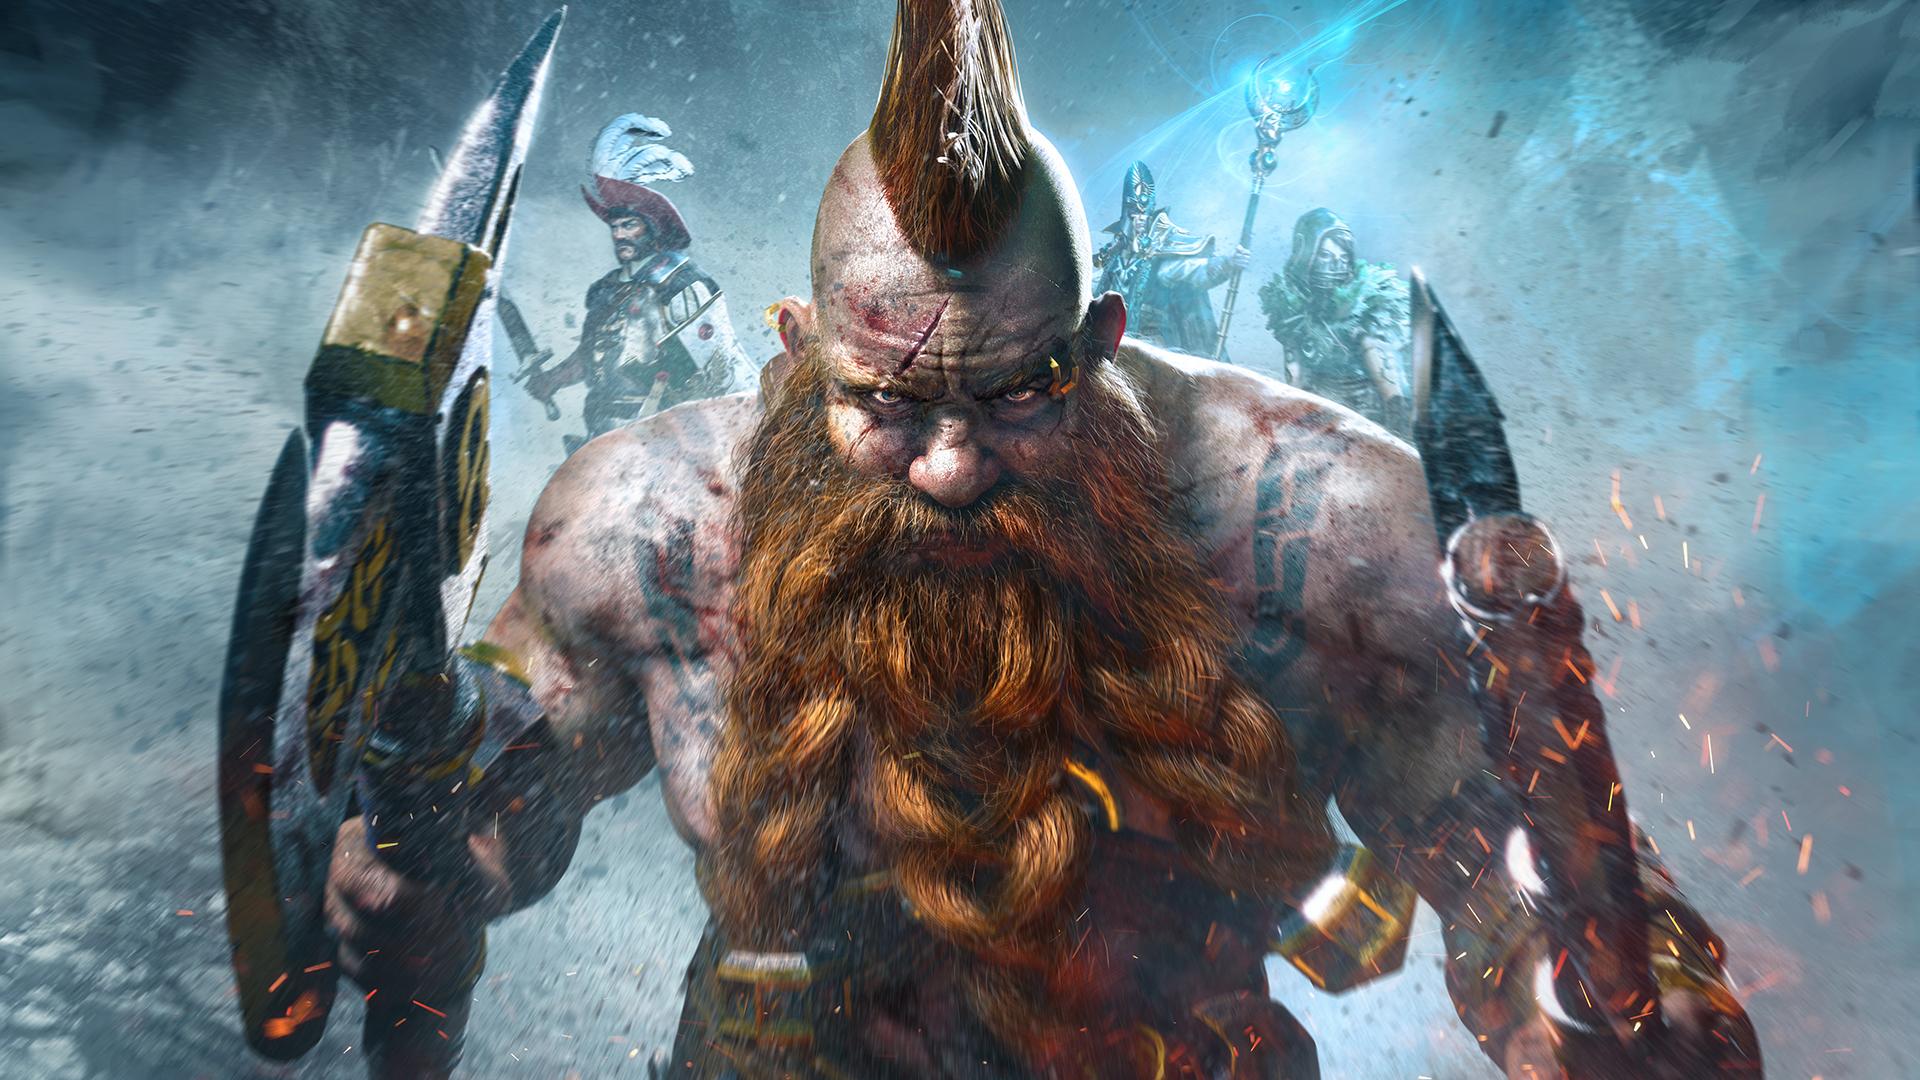 Warhammer: Chaosbane channels Diablo 3 in an old-school, four-player